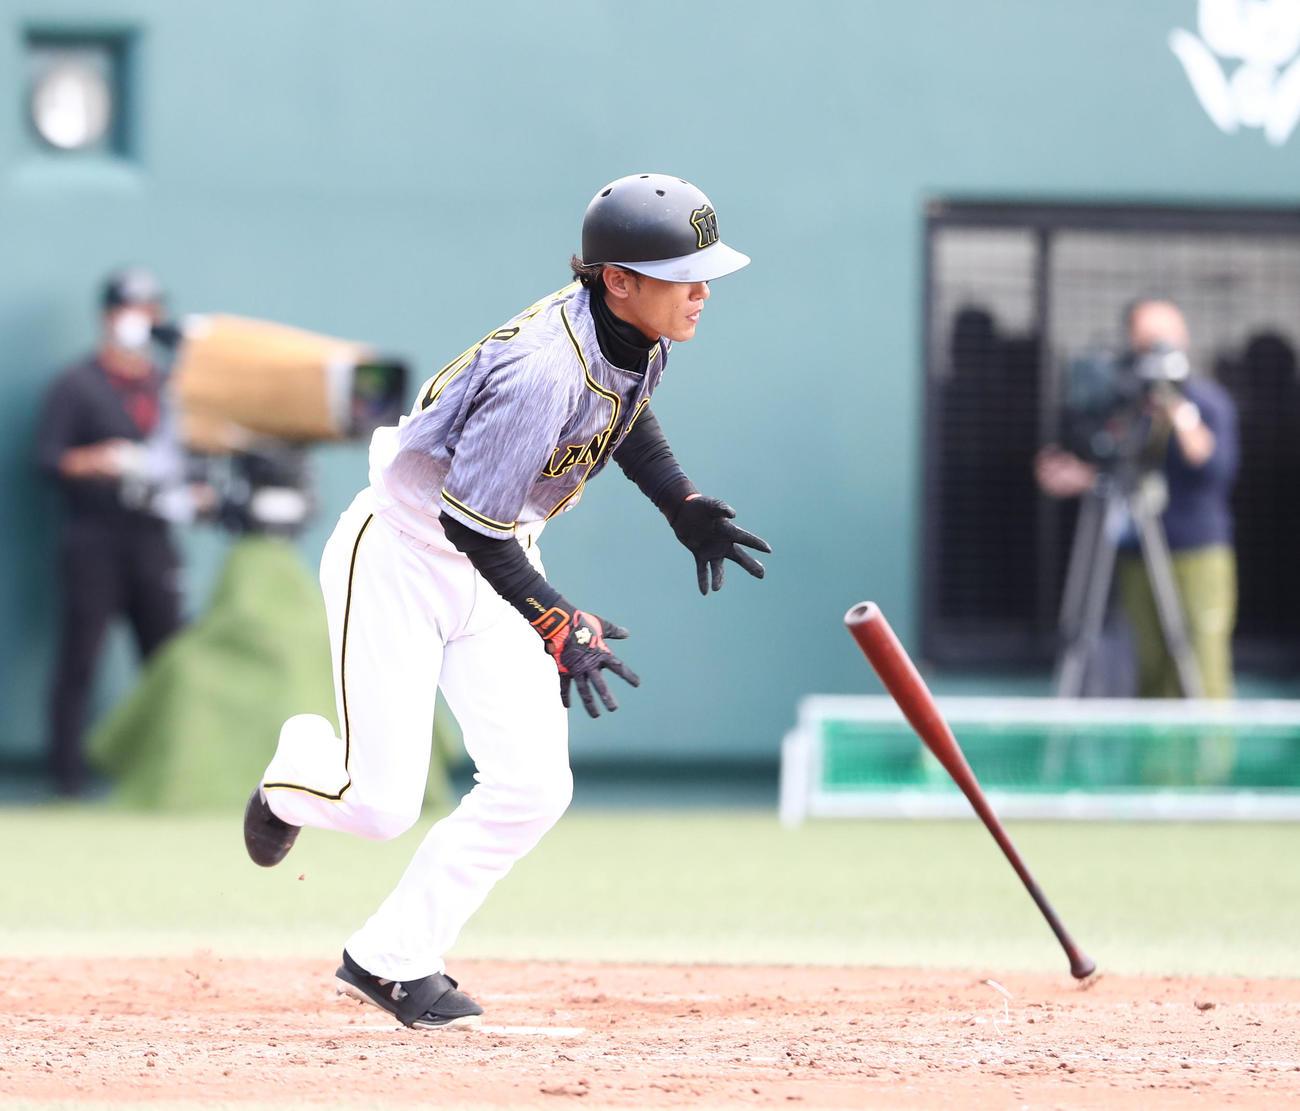 阪神2軍監督「ウエポンは内川と話してた」一問一答 - プロ野球写真 ...